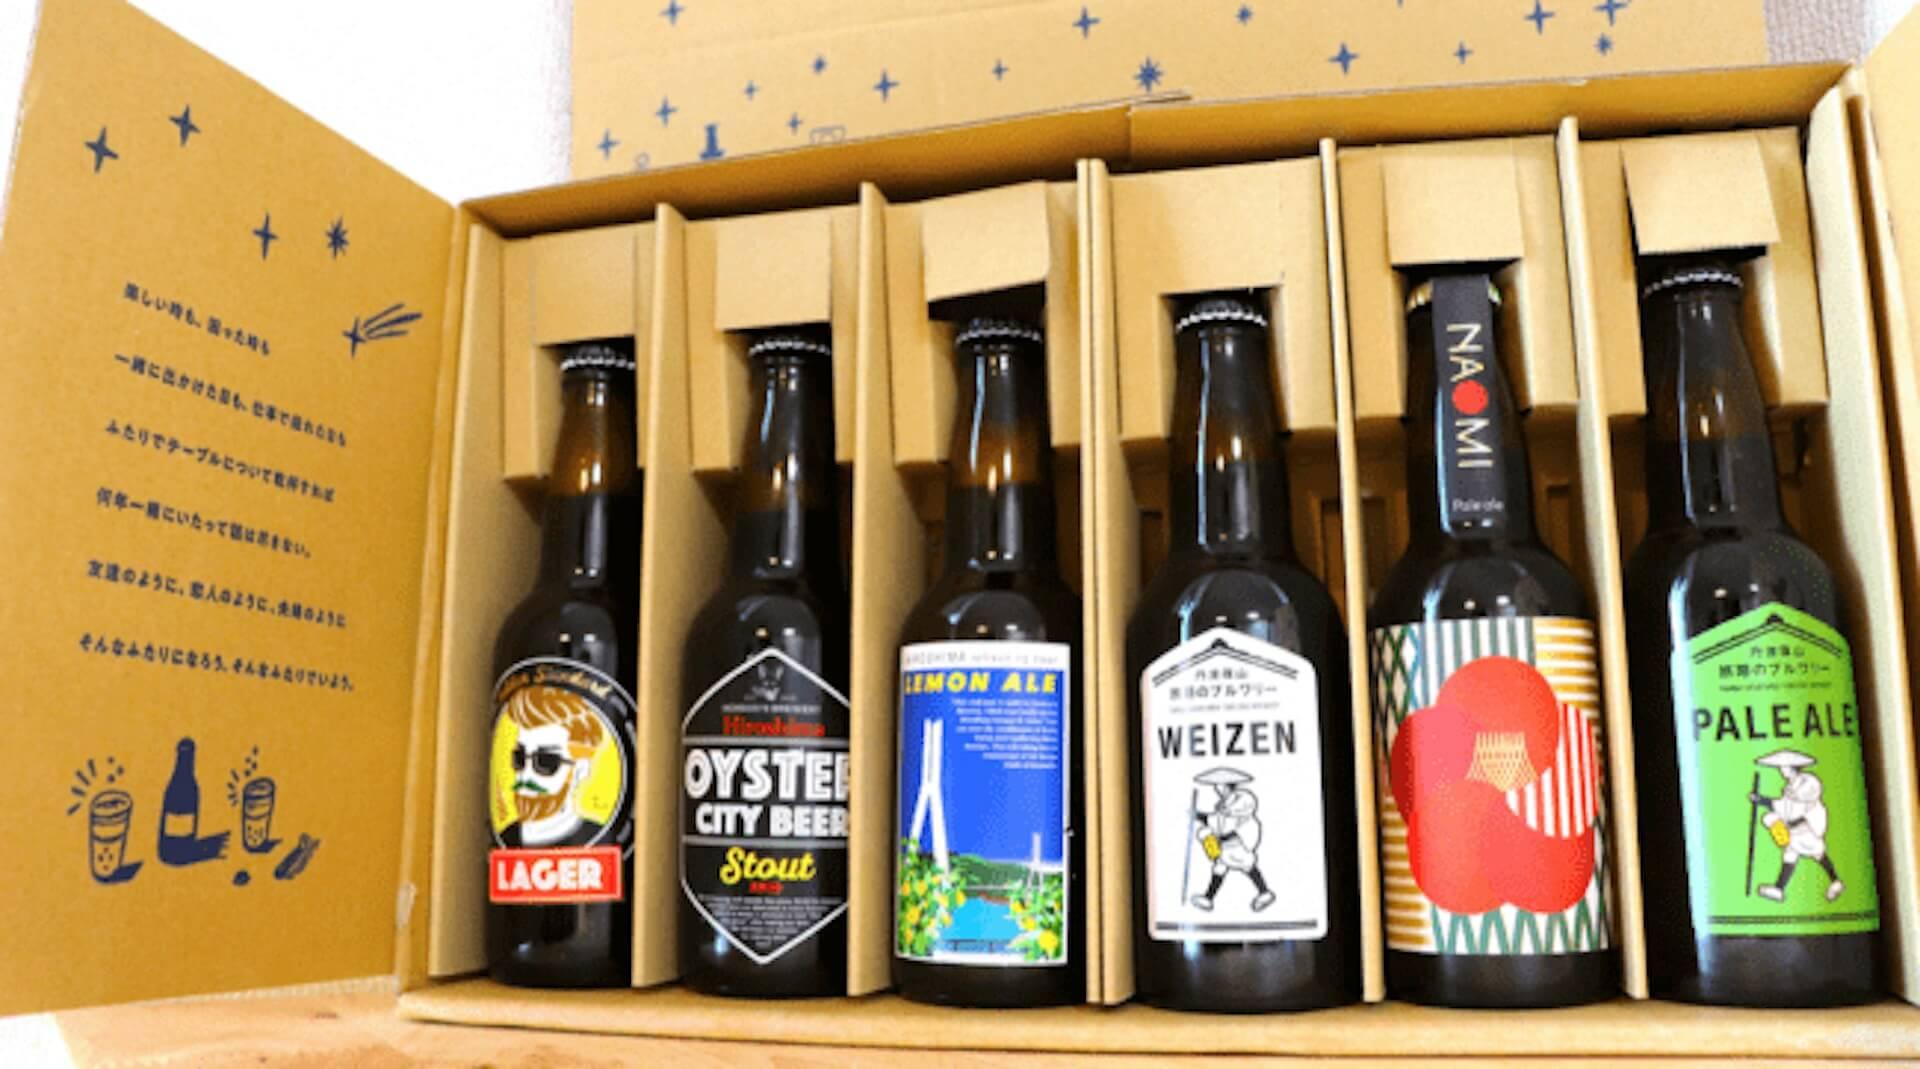 「日本のクラフトビール文化を守ろう」キャンペーン第2弾が始動!4地方別のブルワリー応援6本セットが登場 gourmet200420_hutarinomi_02